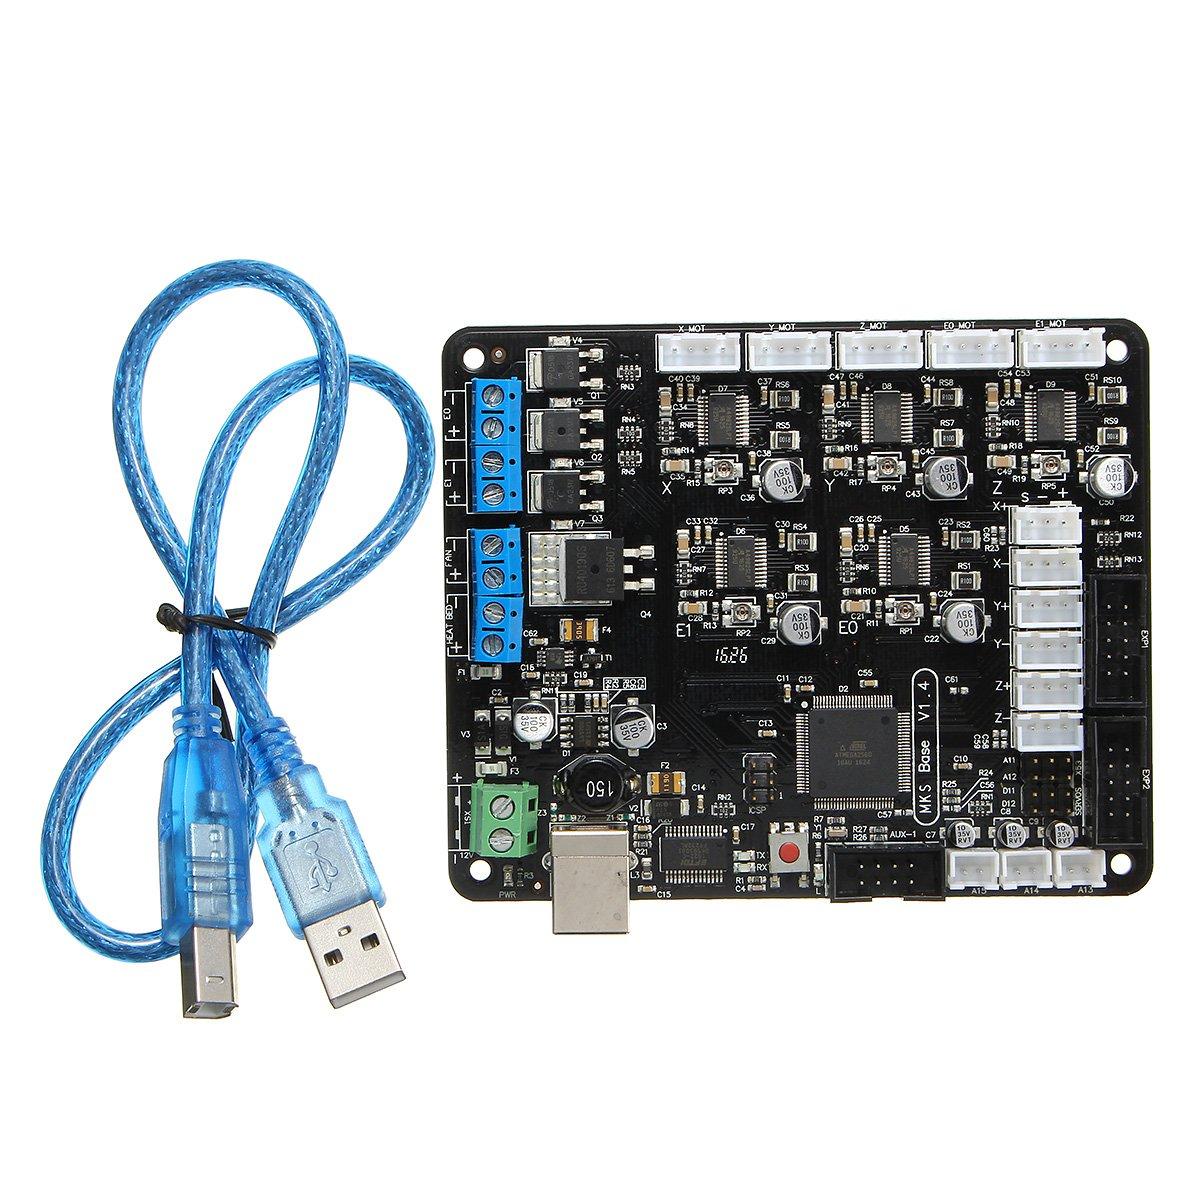 MKS-Base V1.4 - Placa base para impresora 3D (1,4 + Mega 2560 + ...